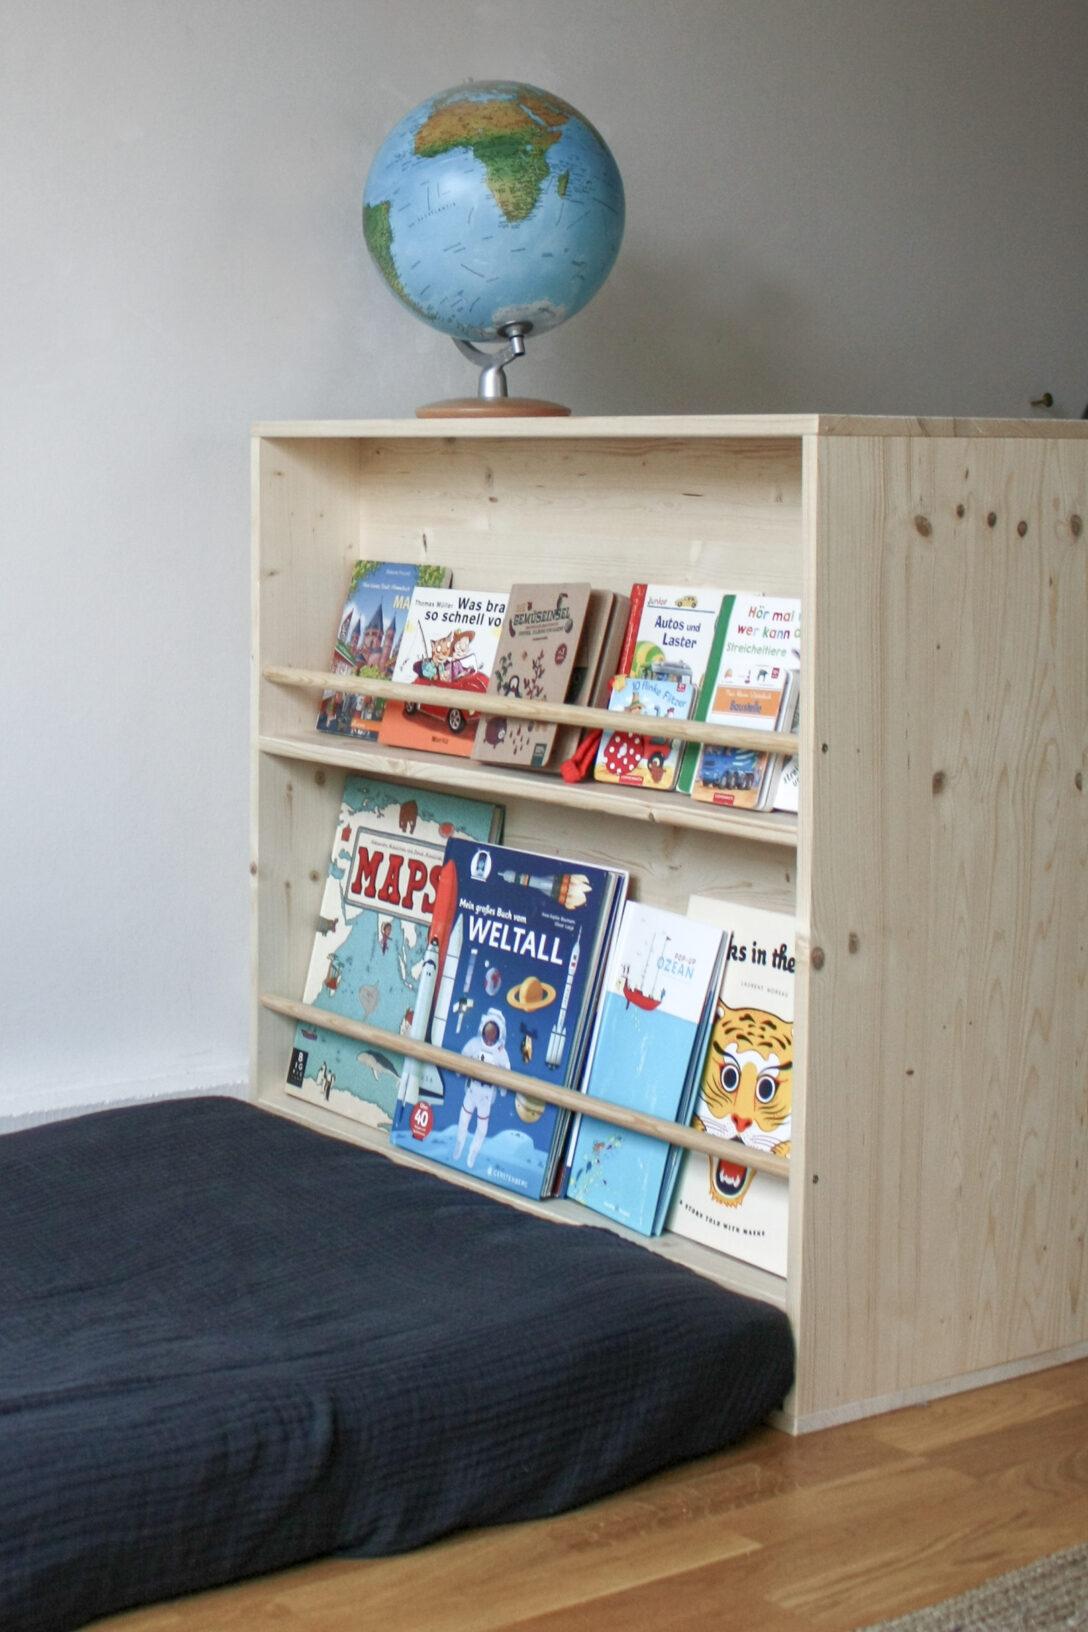 Large Size of Kinderzimmer Bücherregal Diy Montessori Mbel Selber Bauen Kleiderschrank Und Bcherregal Regal Weiß Regale Sofa Kinderzimmer Kinderzimmer Bücherregal